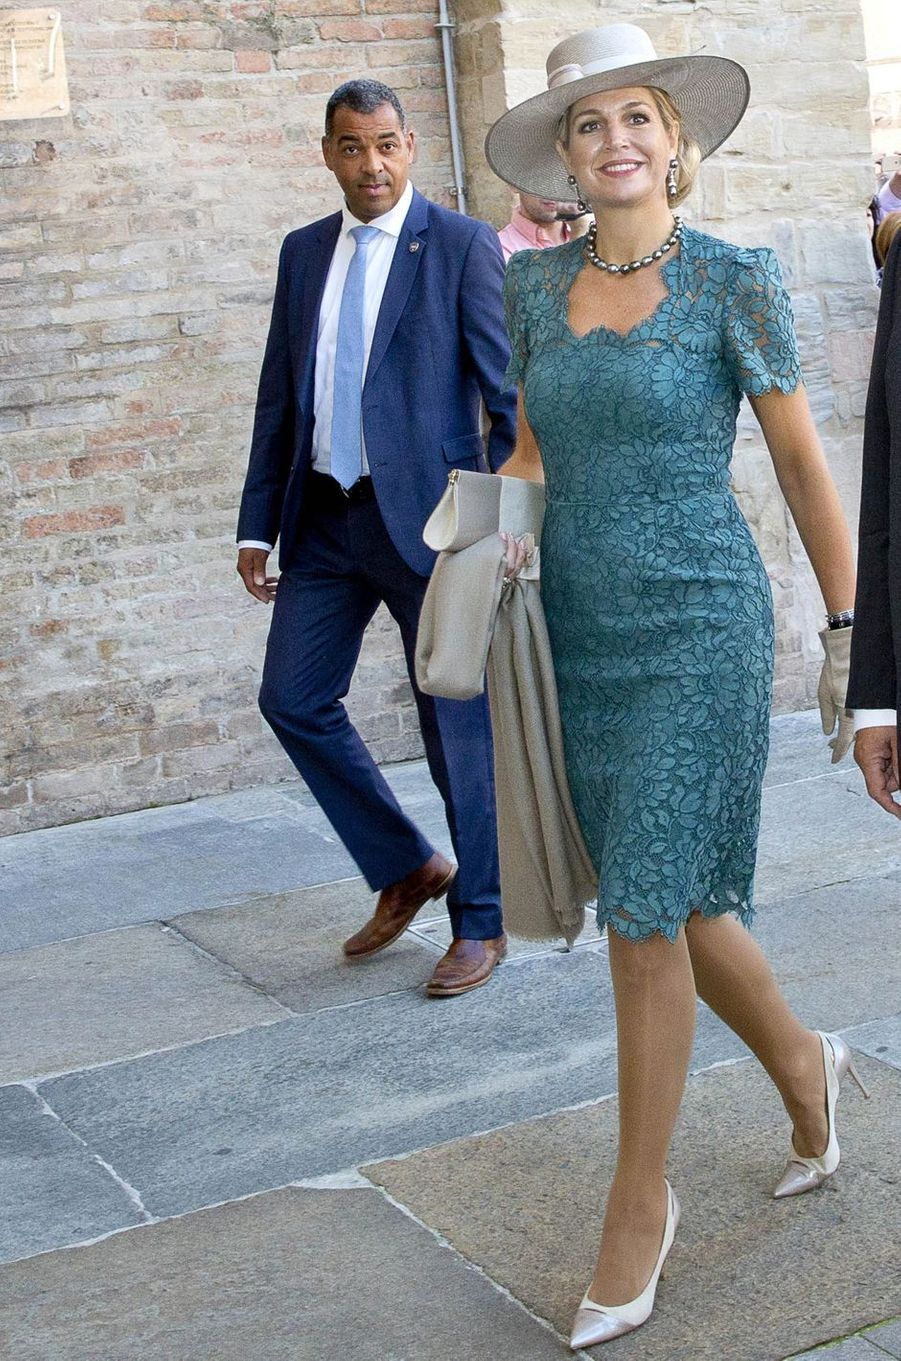 Ce dimanche 25 septembre, la reine Maxima des Pays-Bas, leroi Willem-Alexander, parrain du bébé, et leurs trois filles ont assisté à Parme au baptême de Carlos de Bourbon de Parme.